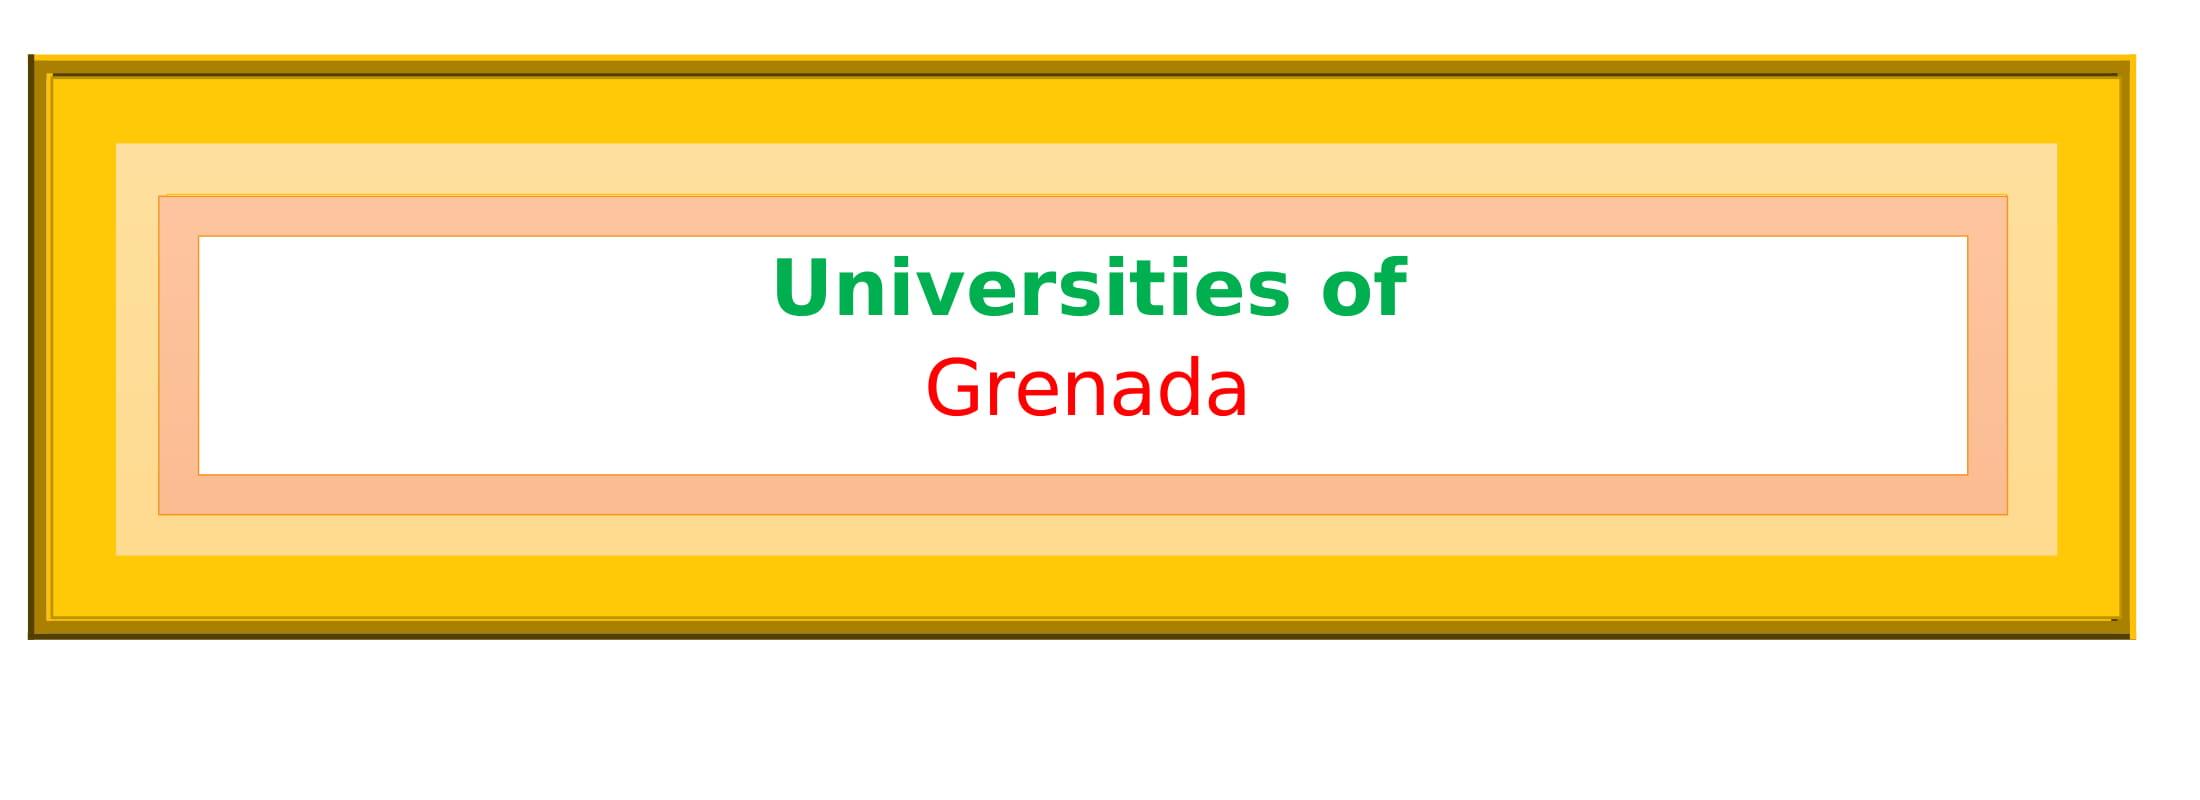 List of Universities in Grenada